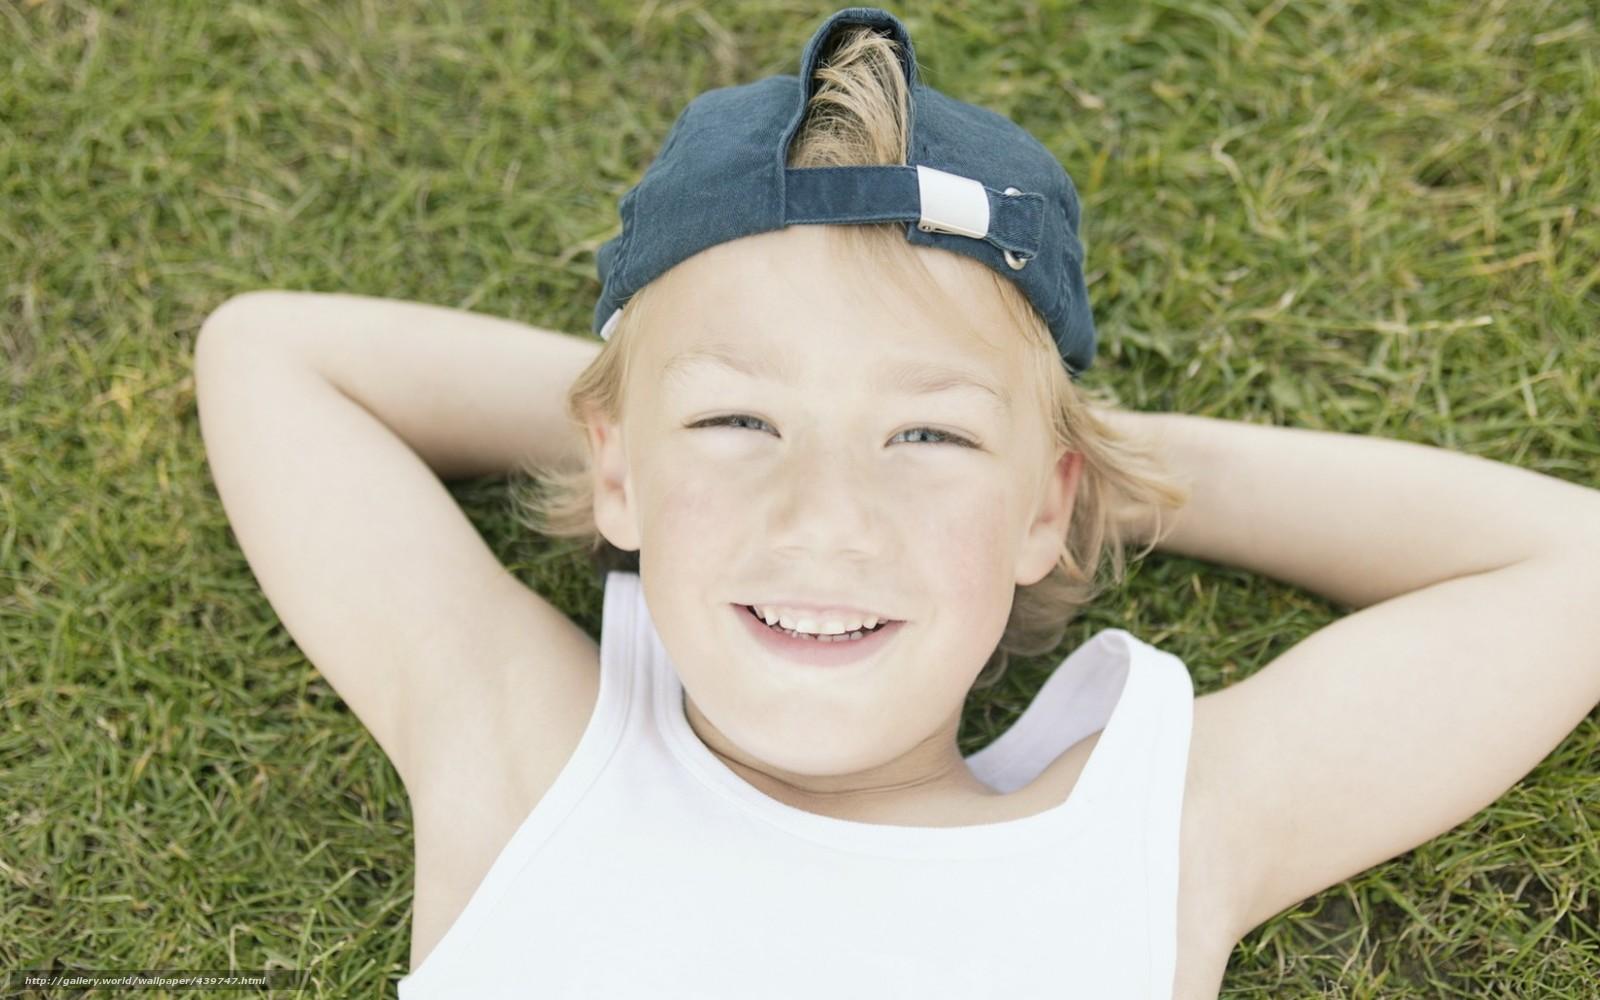 Скачать обои настроения,  дети,  мальчик,  блондин бесплатно для рабочего стола в разрешении 1680x1050 — картинка №439747